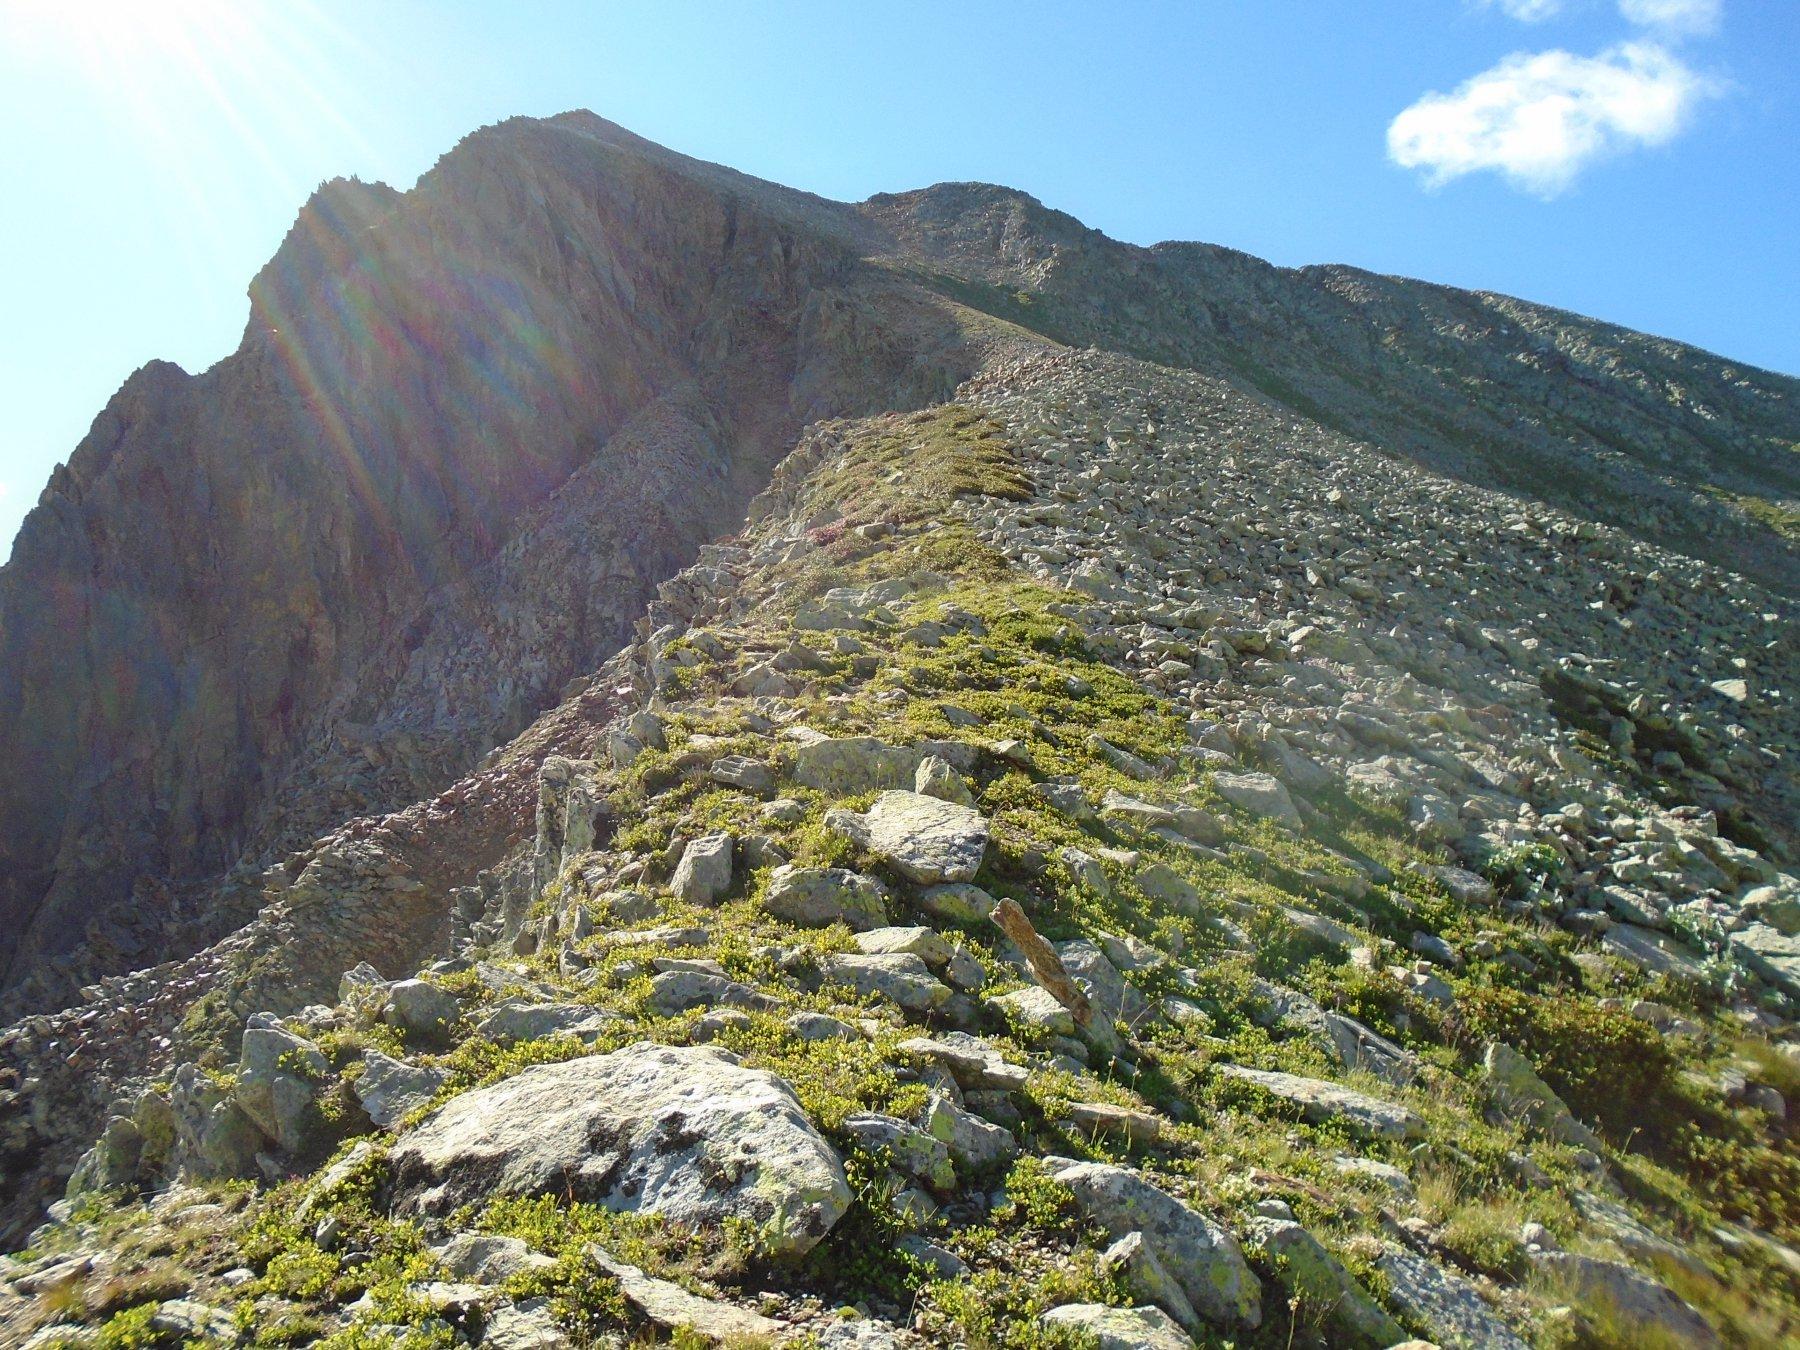 Sulla cresta: al centro in alto la punta principale, a sx la punta nord